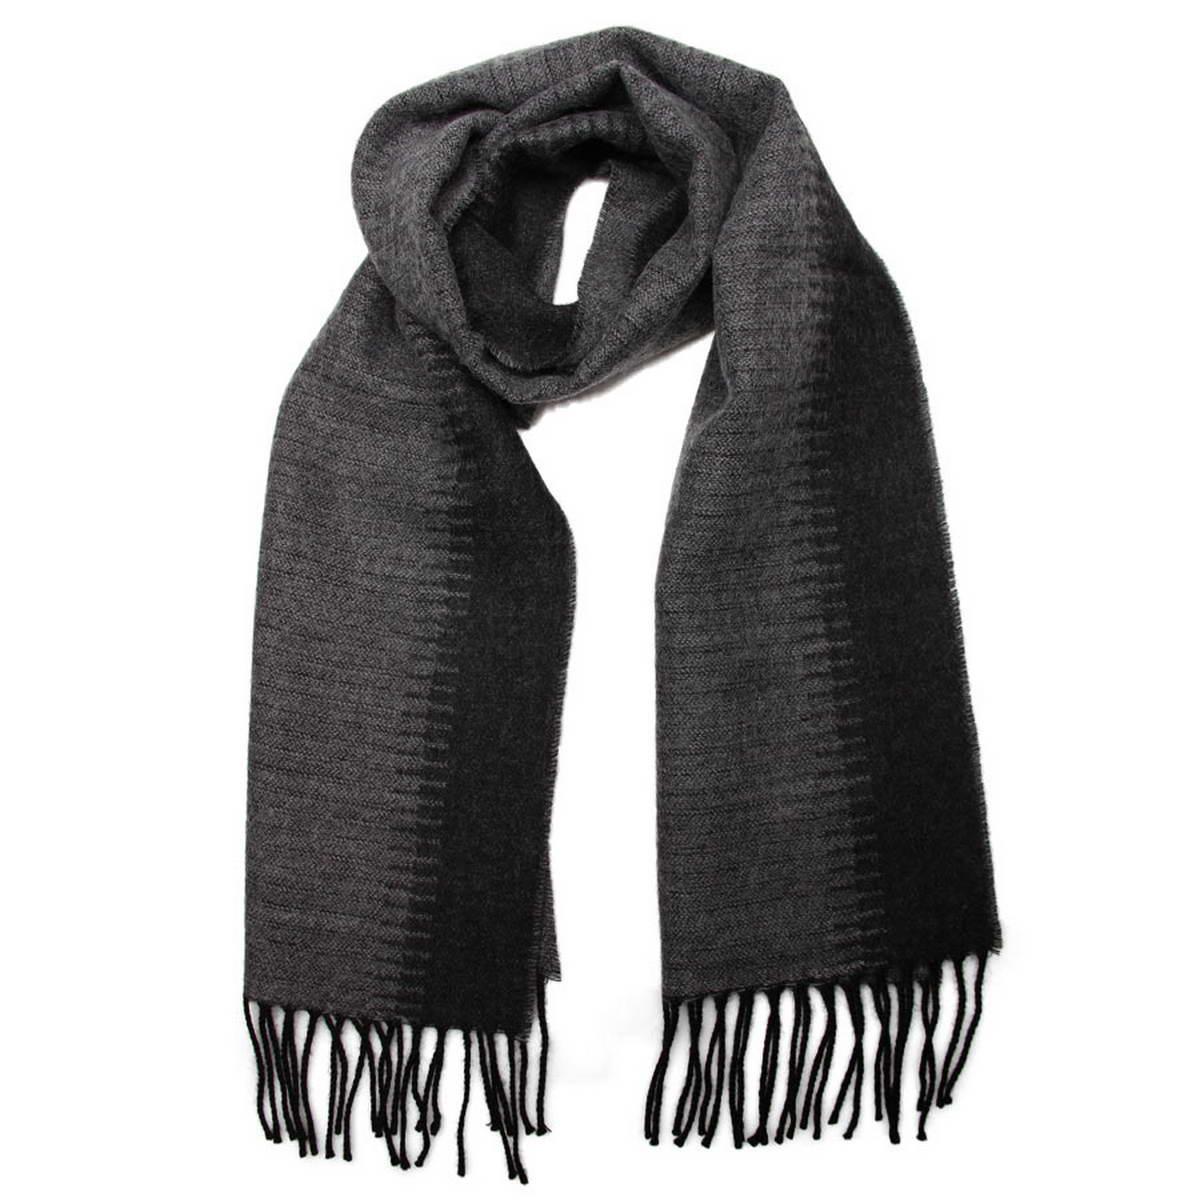 Шарф мужской. 5002332-15002332-1Элегантный мужской шарф Venera согреет вас в холодное время года, а также станет изысканным аксессуаром, который призван подчеркнуть ваш стиль и индивидуальность. Оригинальный теплый шарф выполнен из высококачественной шерстяной пряжи. Шарф оформлен широкой контрастной полоской по центру и дополнен бахромой в виде жгутиков по краю. Такой шарф станет превосходным дополнением к любому наряду, защитит вас от ветра и холода и позволит вам создать свой неповторимый стиль.